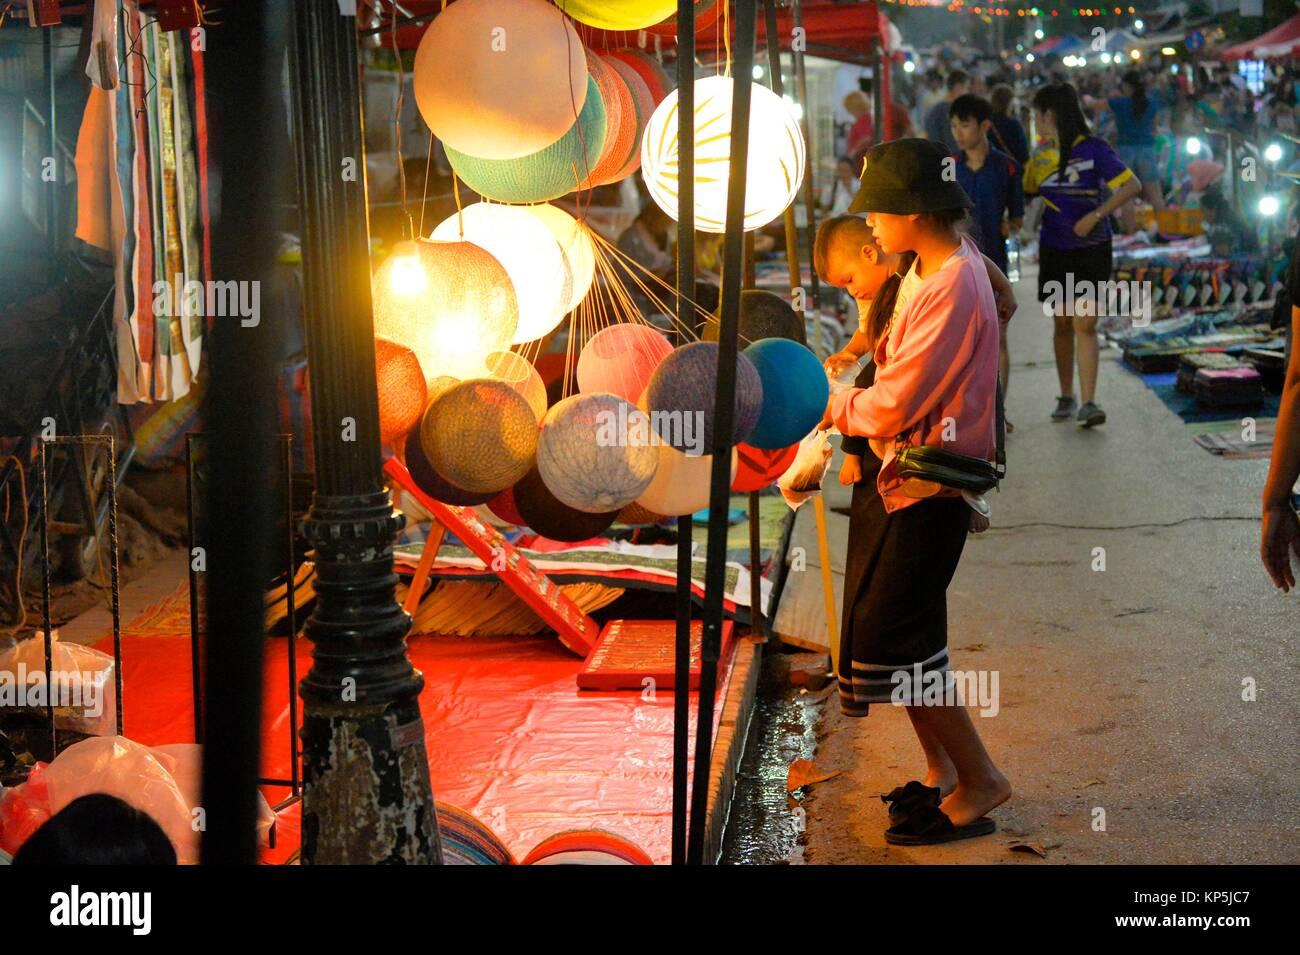 El mercado nocturno de Luang Prabang,,Laos,el Sudeste de Asia. Imagen De Stock